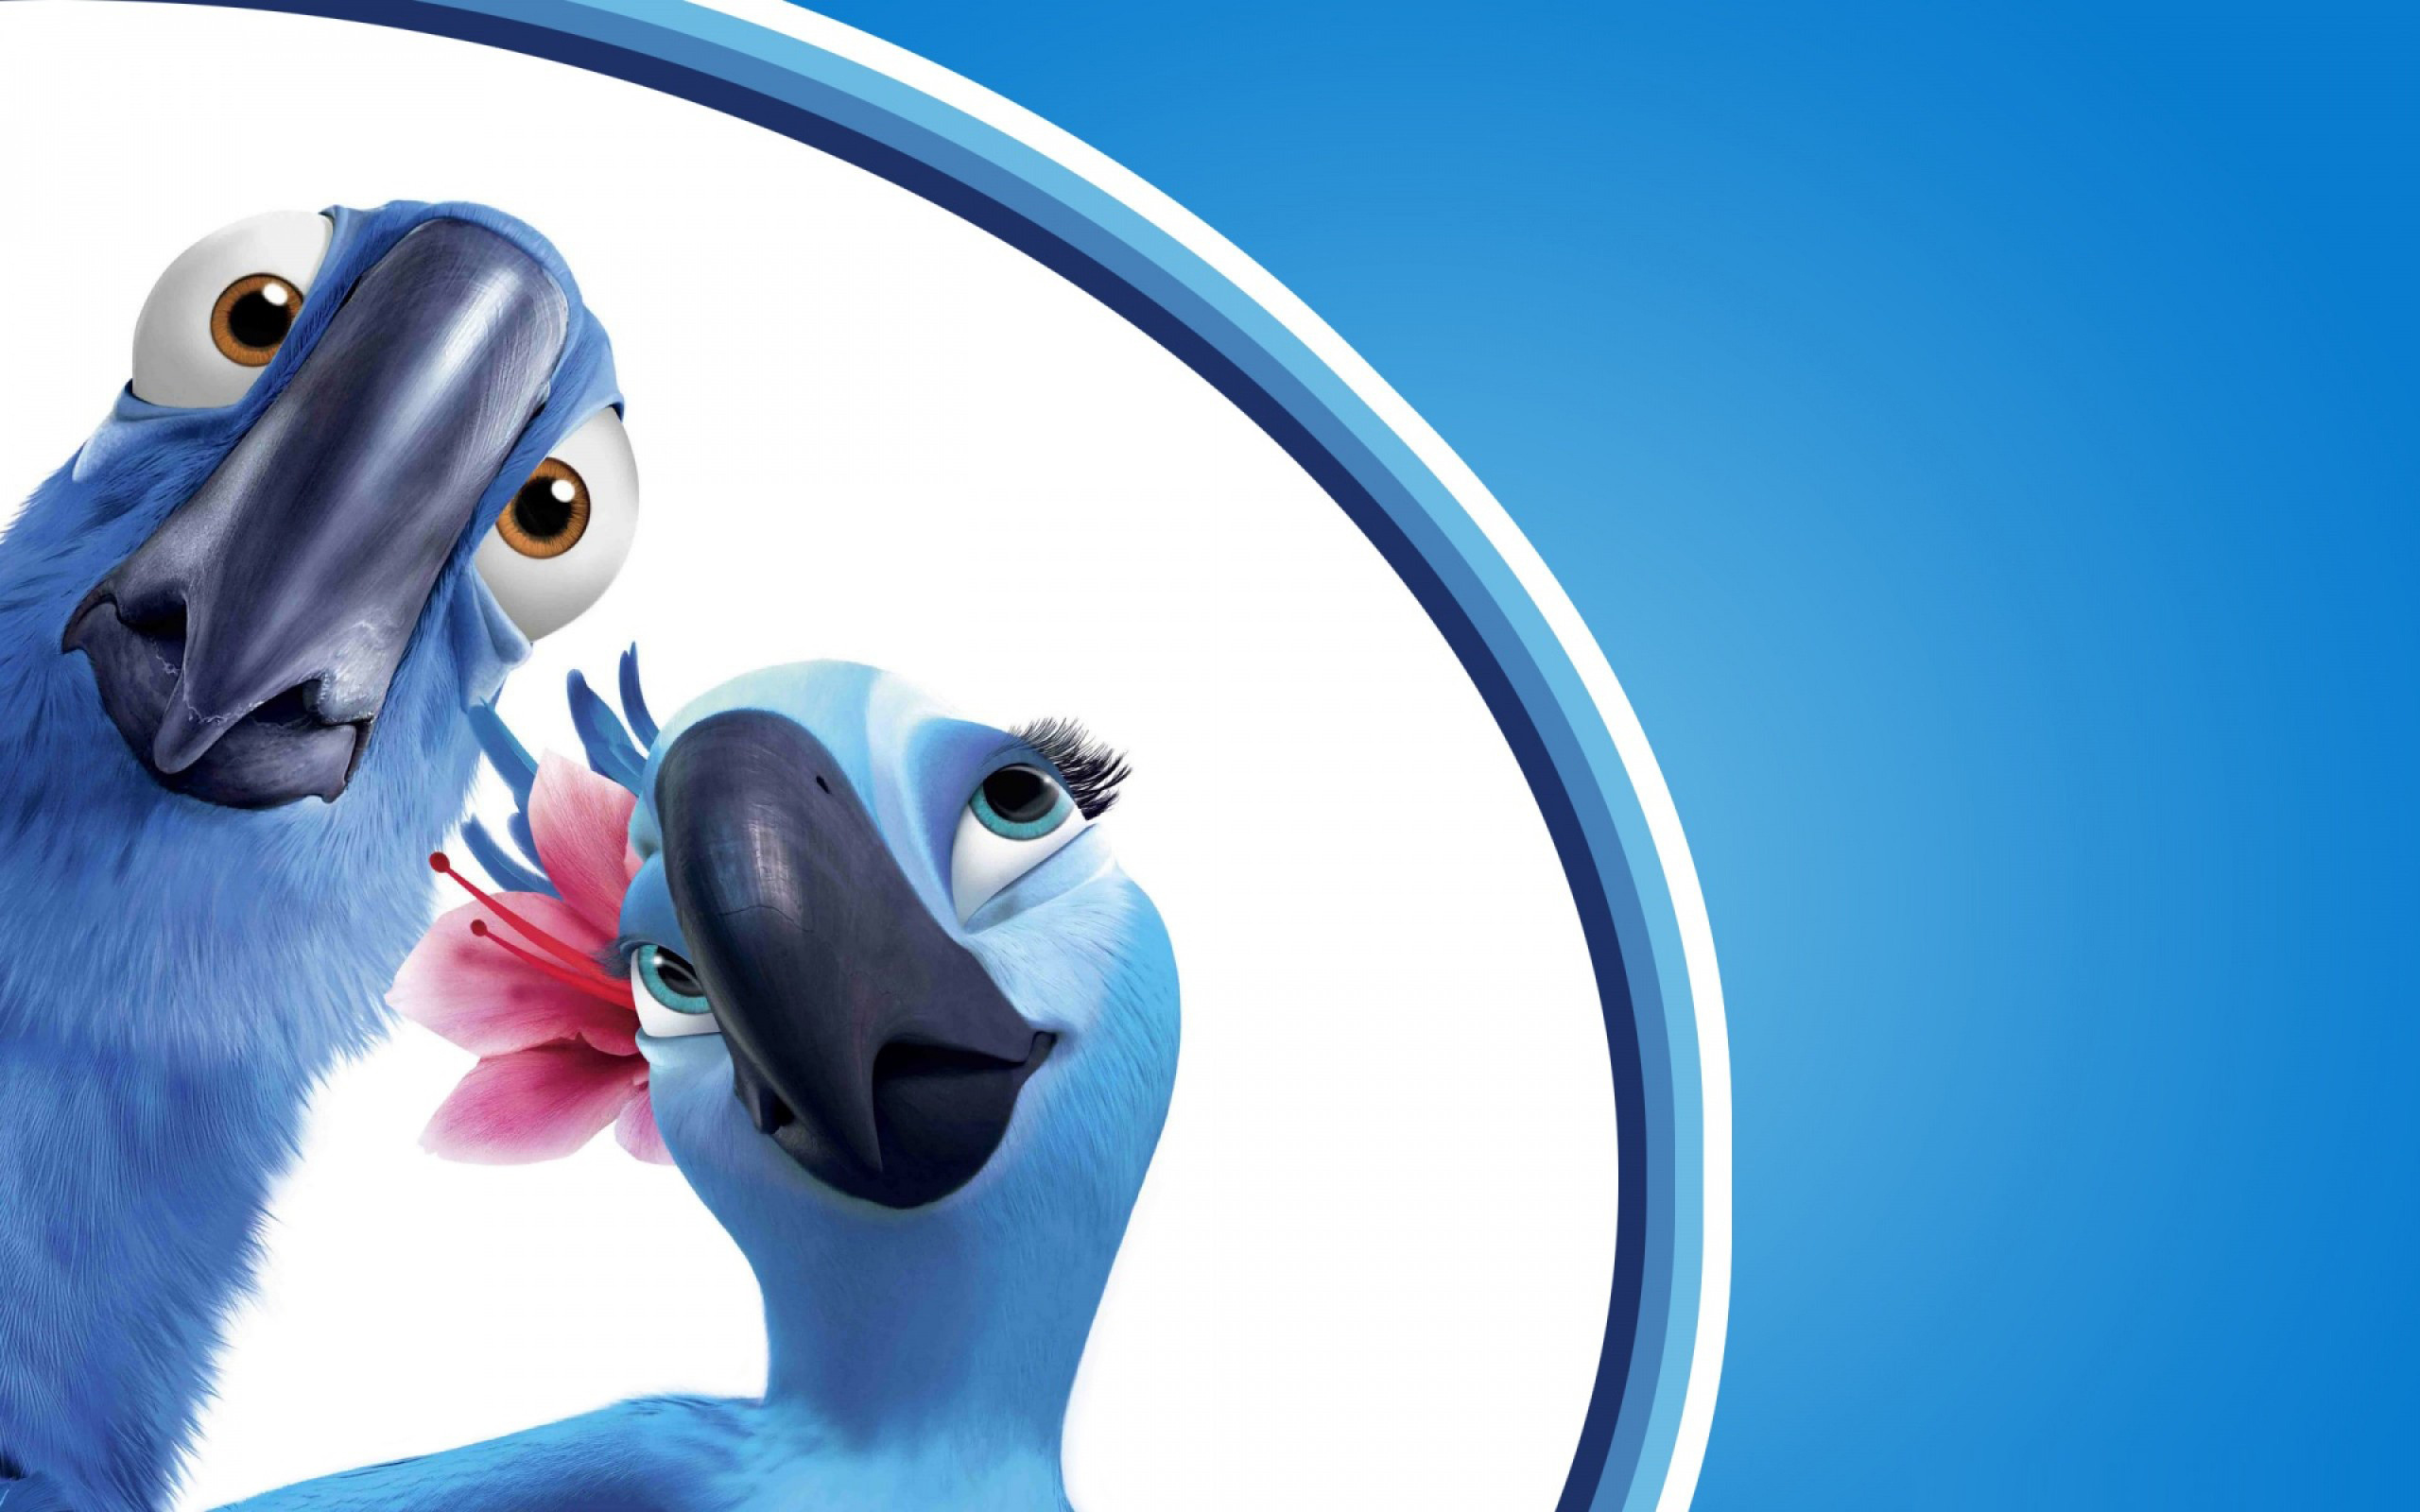 влюбленная парочка синих попугаев, скачать фото, обои для рабочего стола